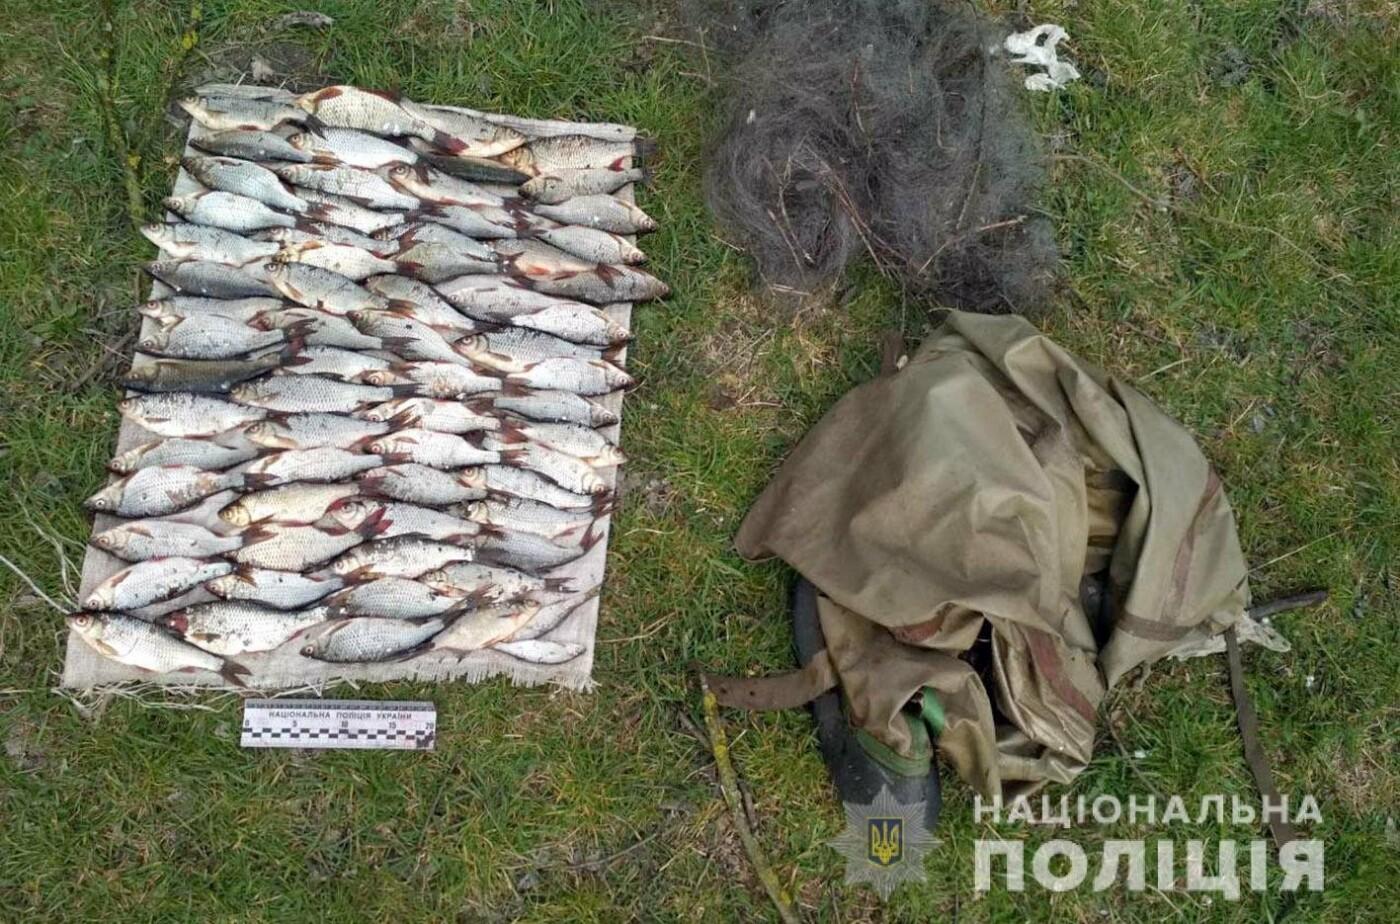 На Хмельниччині виявили браконьєра, який нашкодив на 5 700 гривень, фото-1